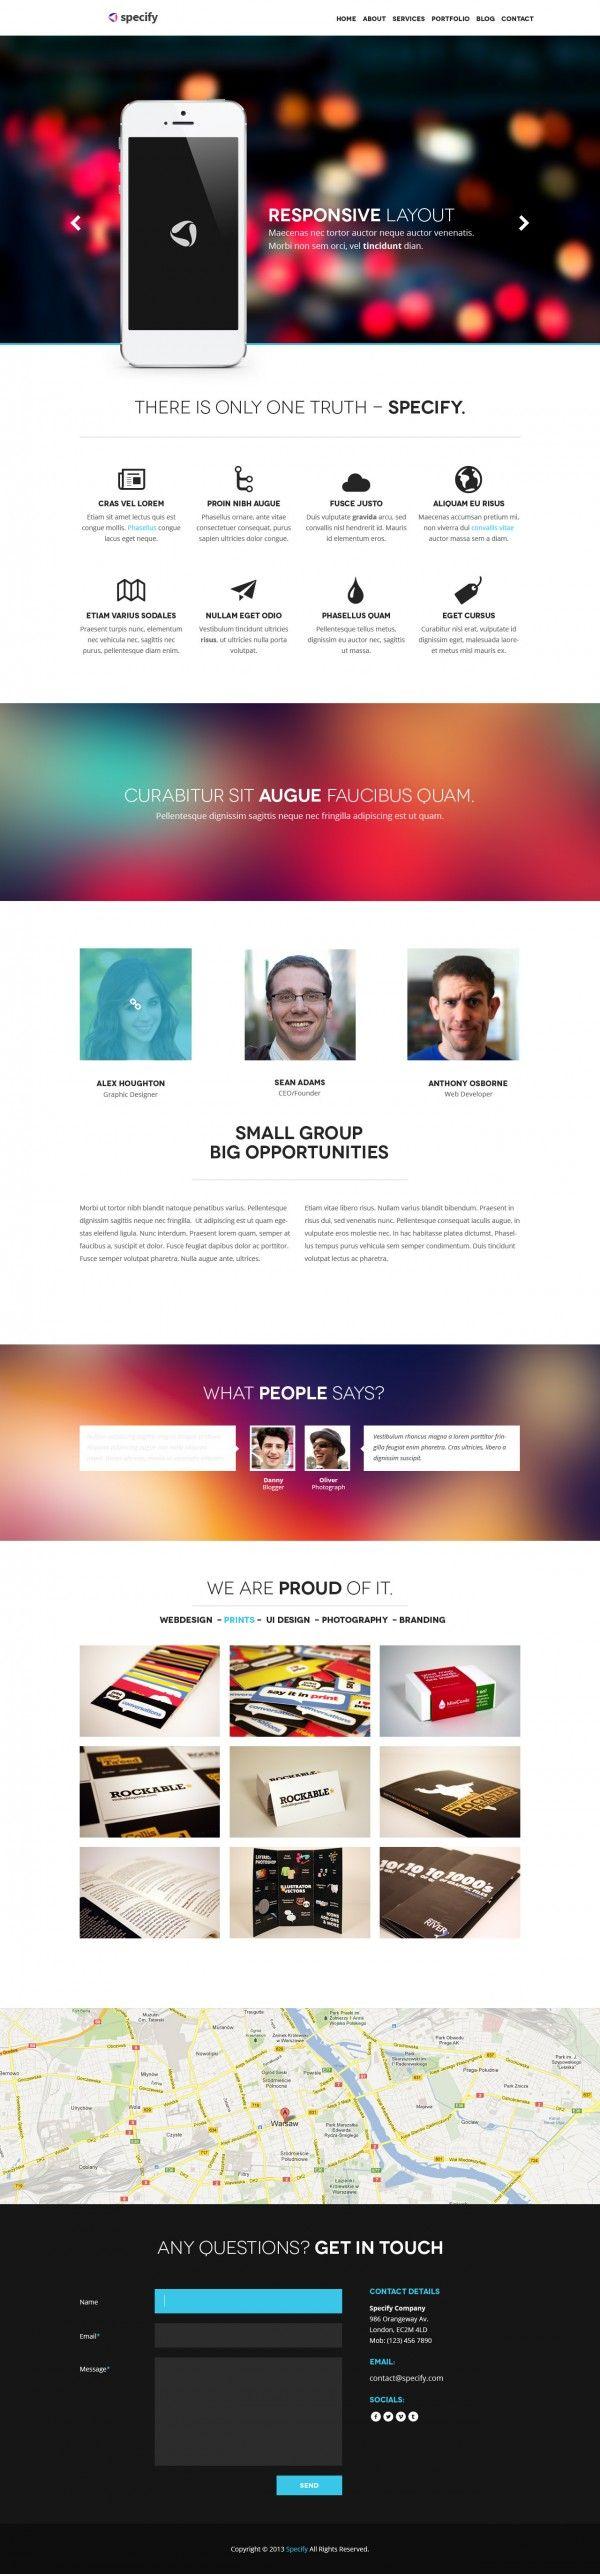 #responsive #webdesign https://s3.amazonaws.com/imgspark.com/images/l/d75baae5c2fa1b35368a40f5da8f54bd.jpg